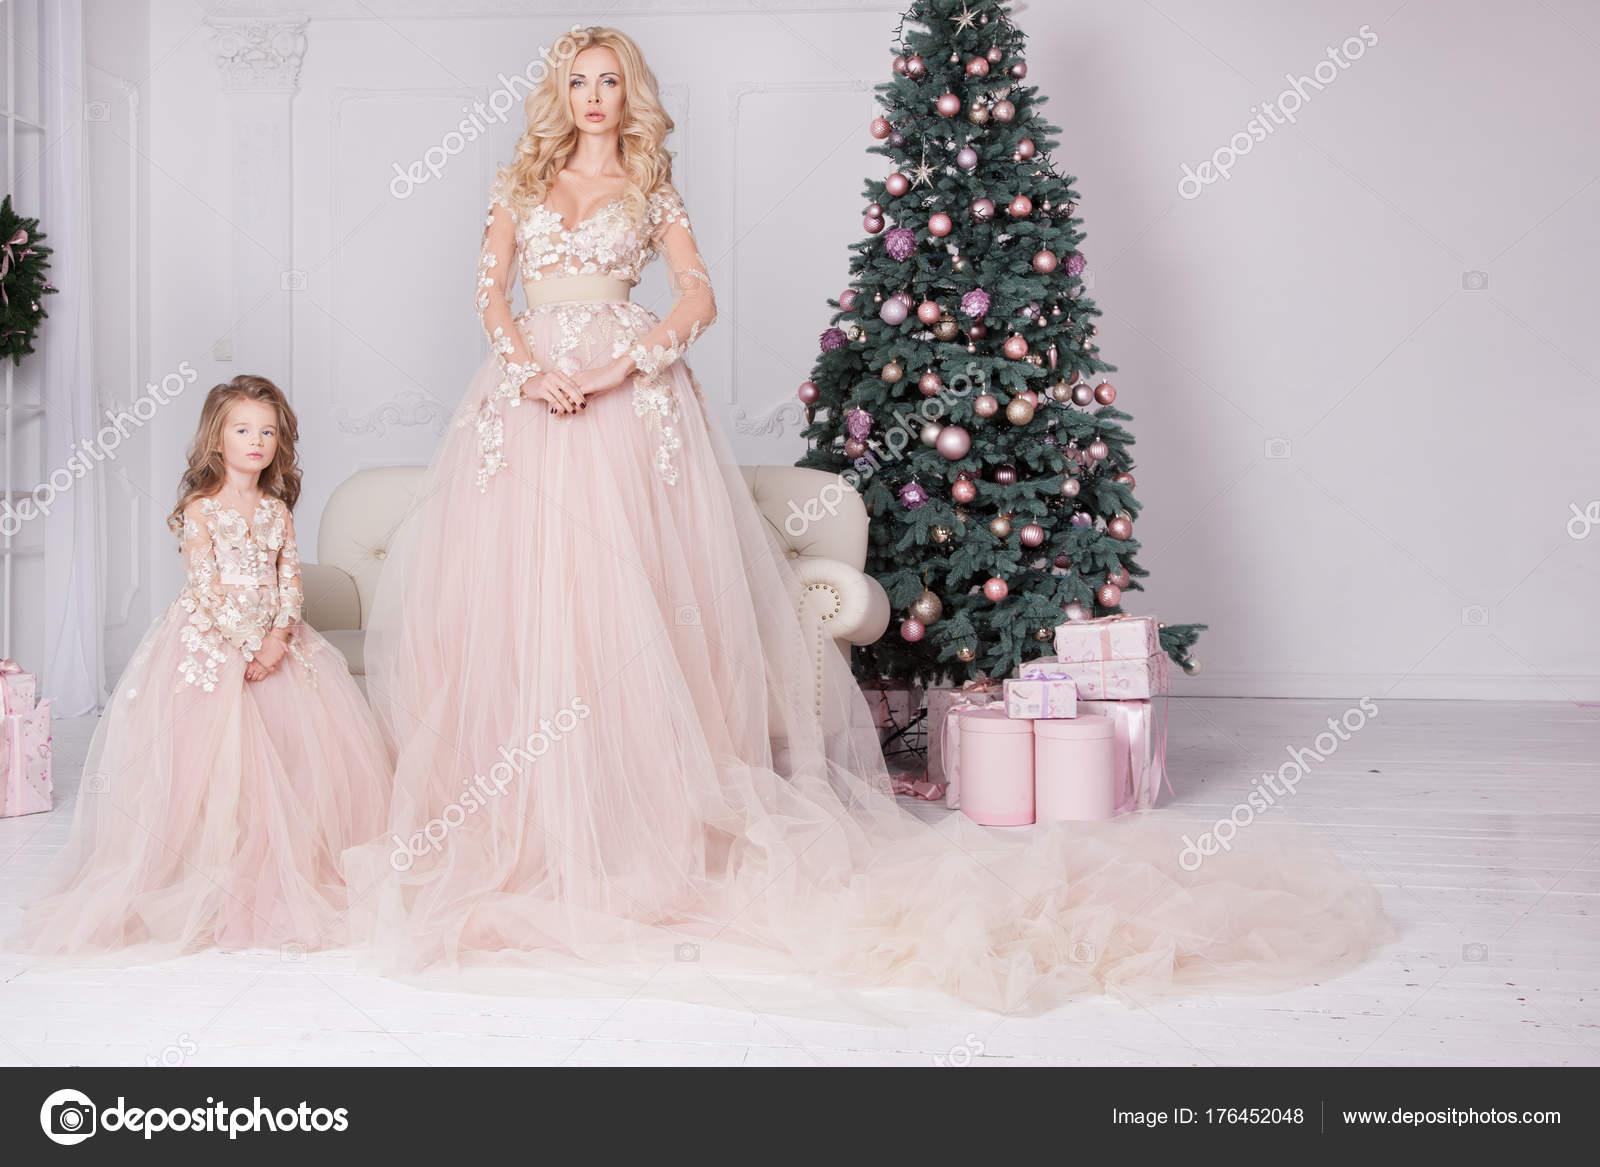 Weihnachtsgeschenke Mutter.Mutter Und Tochter Tragen Rosa Kleider Halten Weihnachtsgeschenke